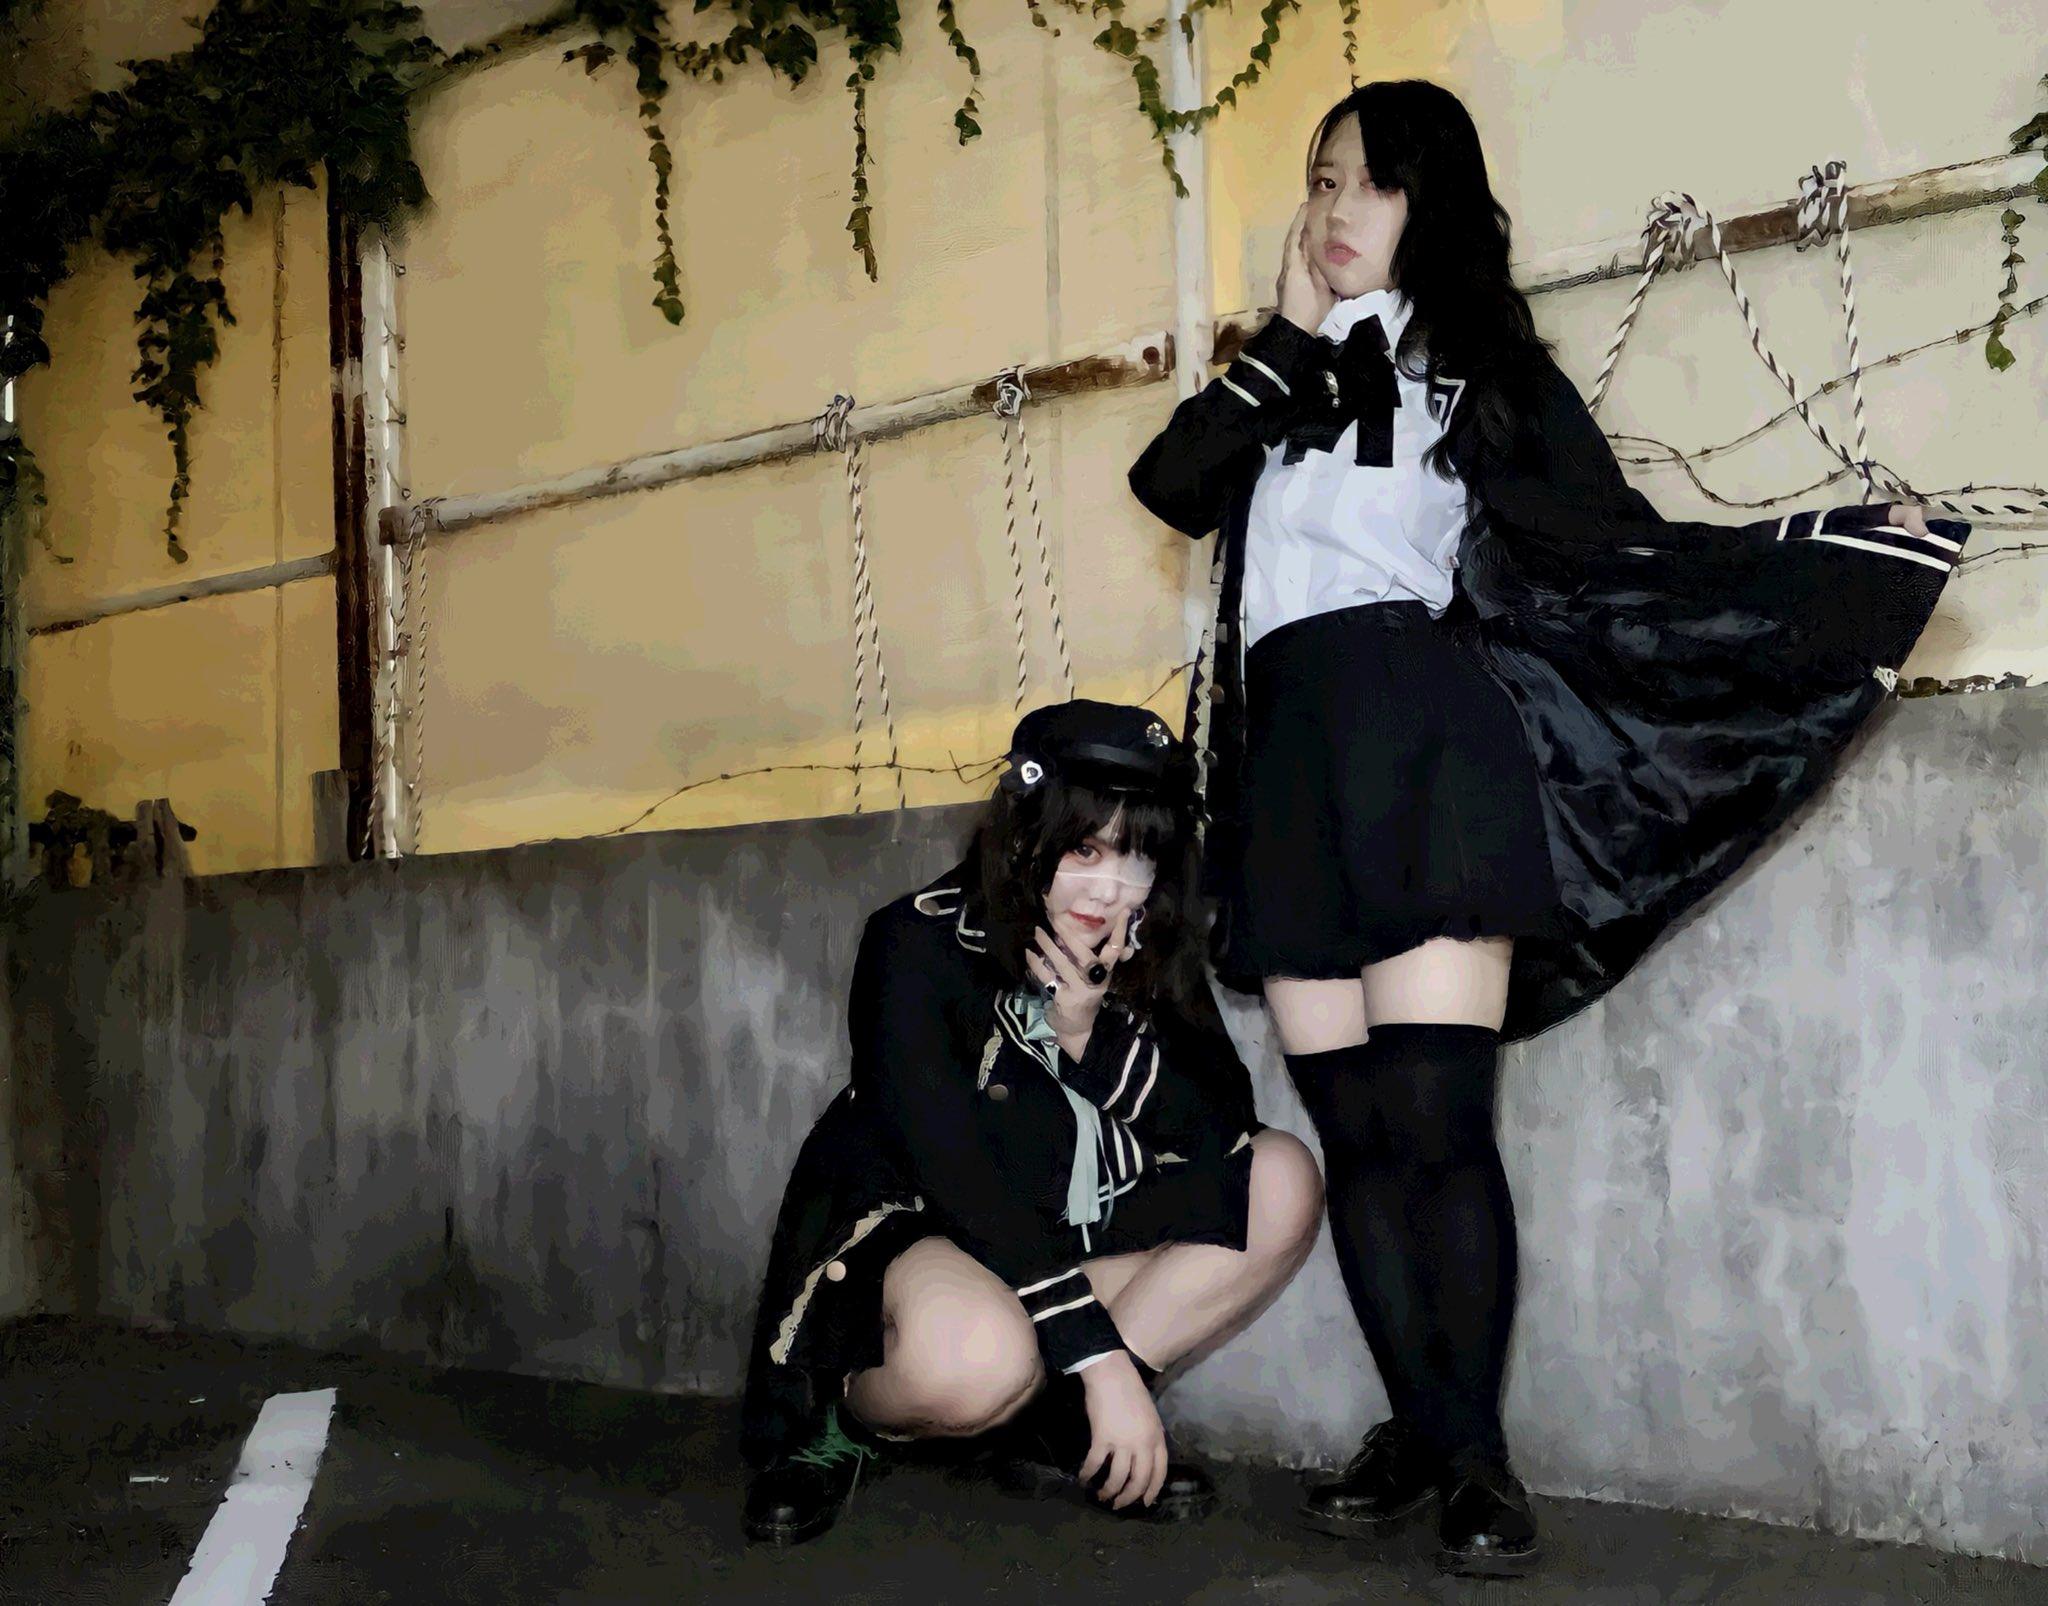 オーディション [名古屋]ユメノツヅキ。追加メンバー募集 やる気と根気、負けん気。あなたの小さな一歩で羽ばたかせます。 主催:ユメノツヅキ。、カテゴリ:アイドル(東京以外)